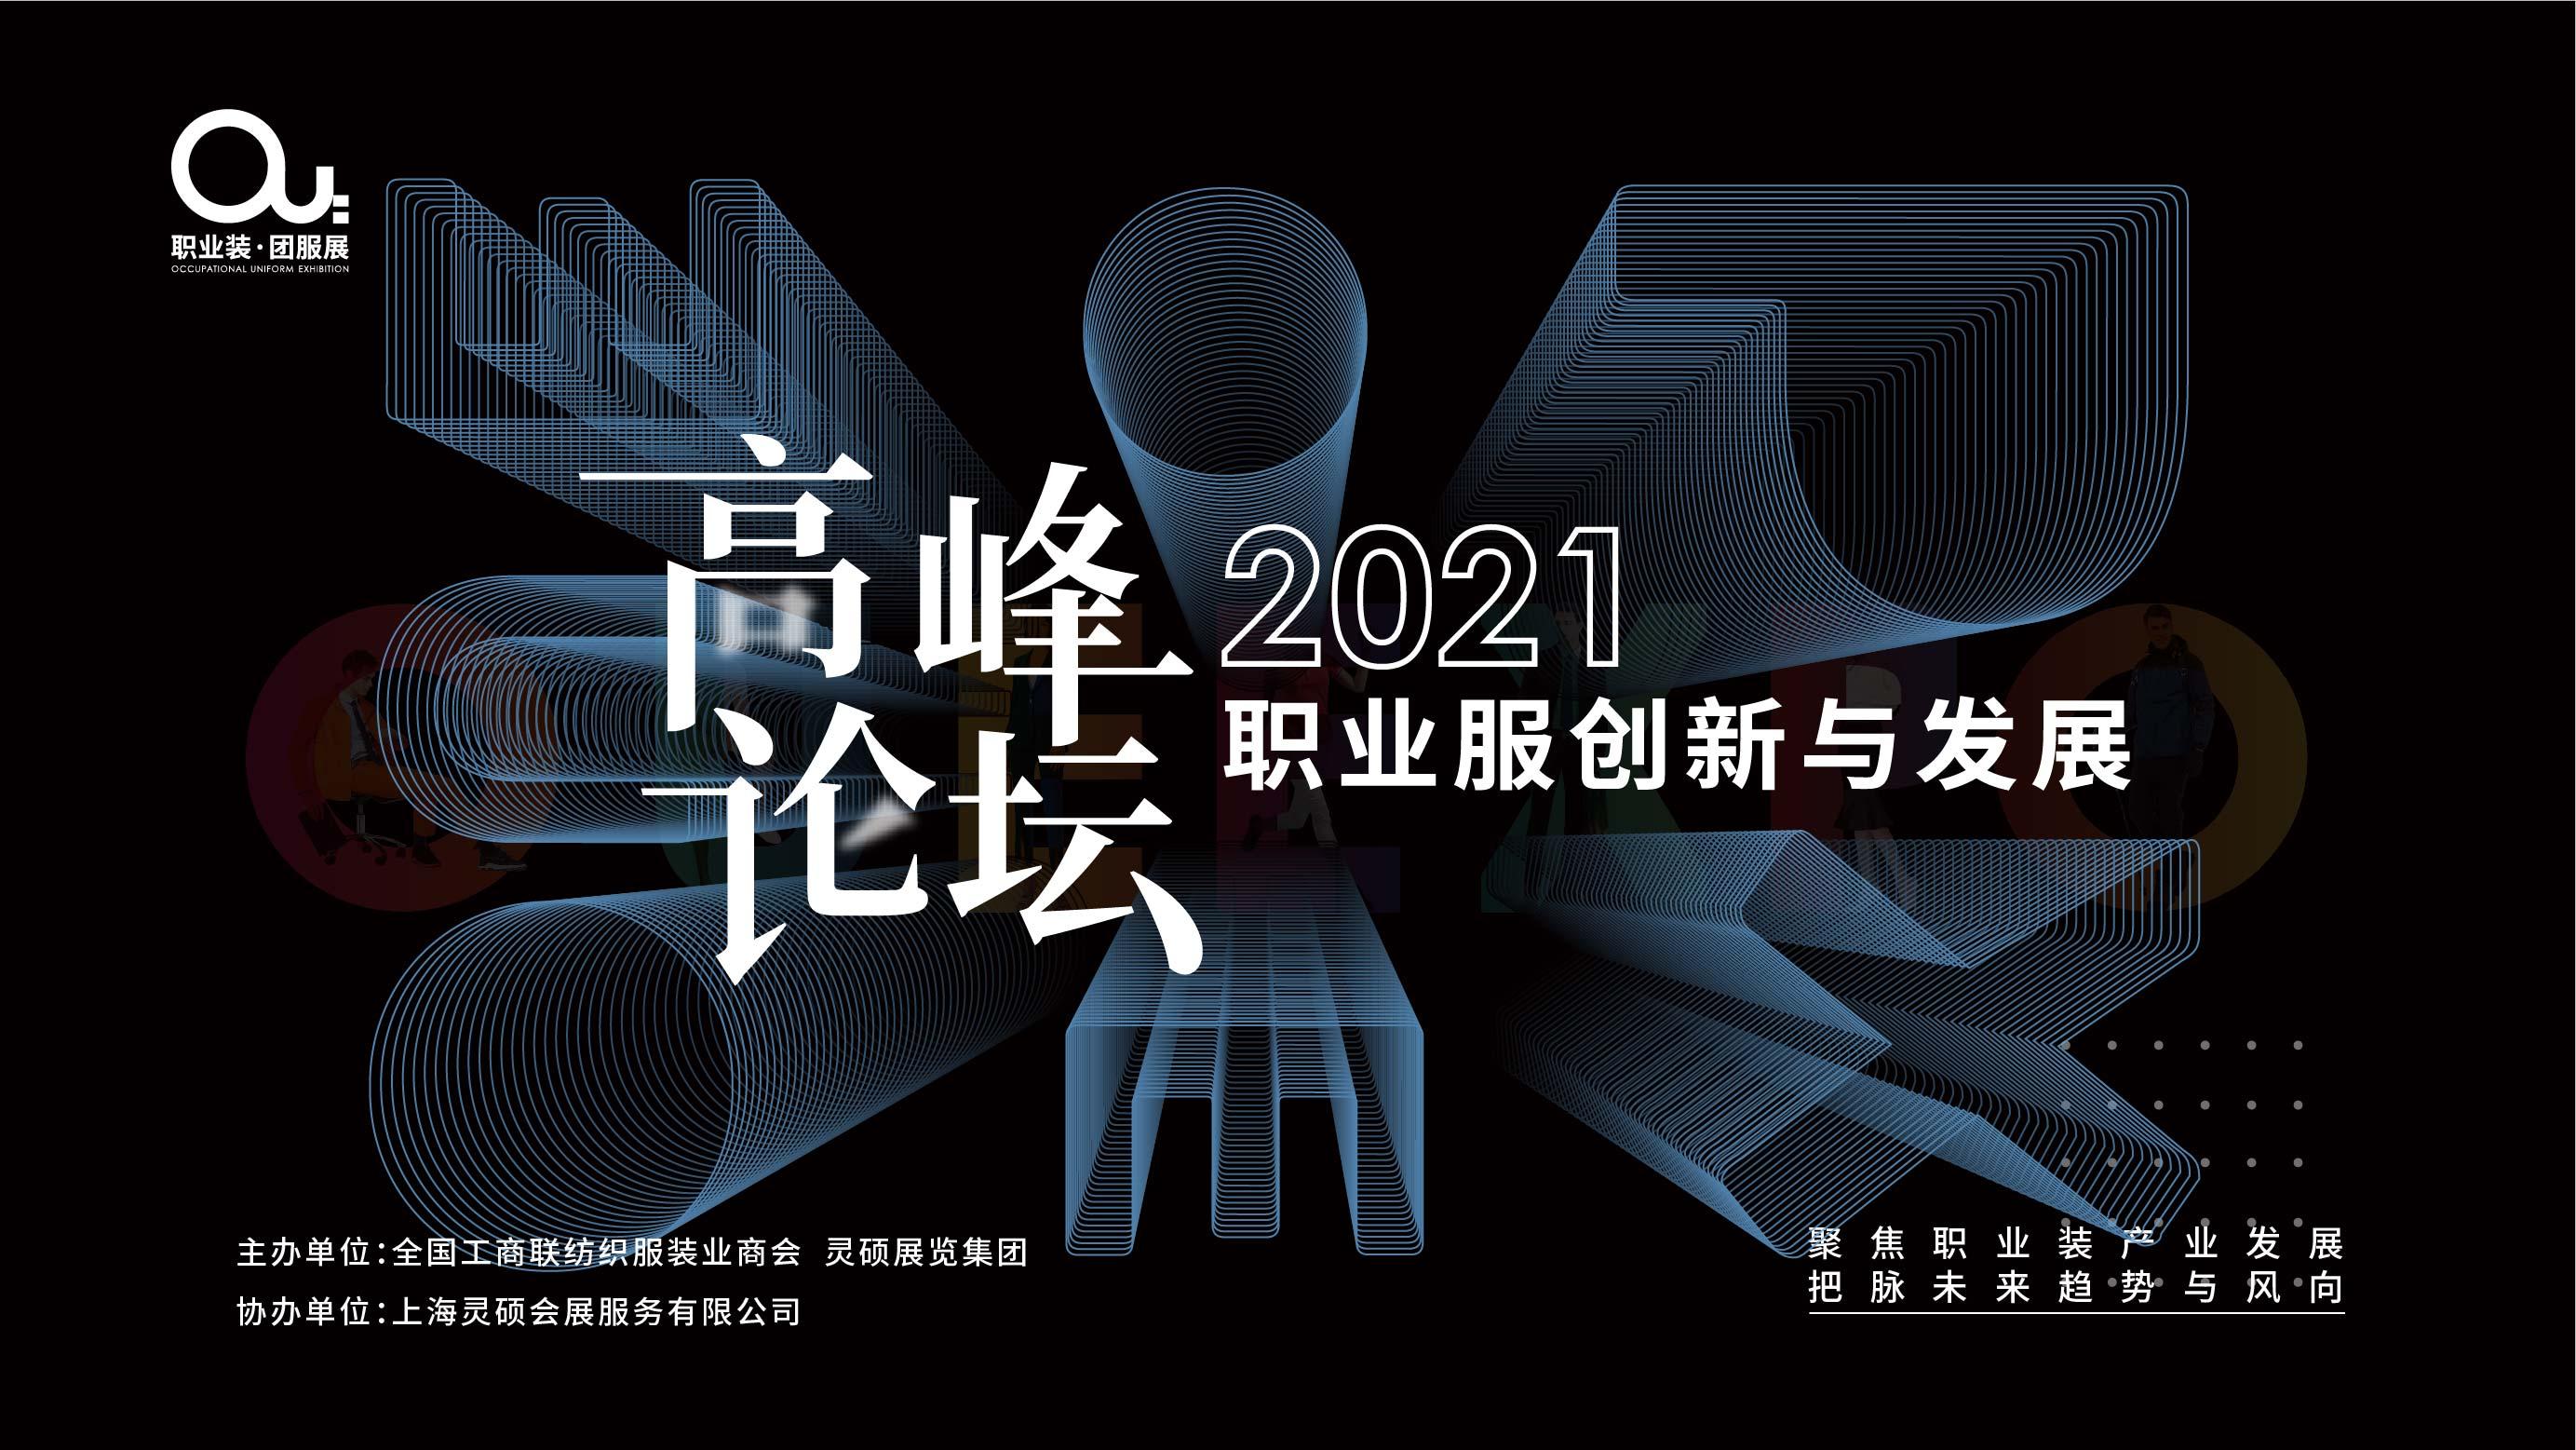 嘉宾定了!2021OUE同期会议大放送!精彩行程快安排上!